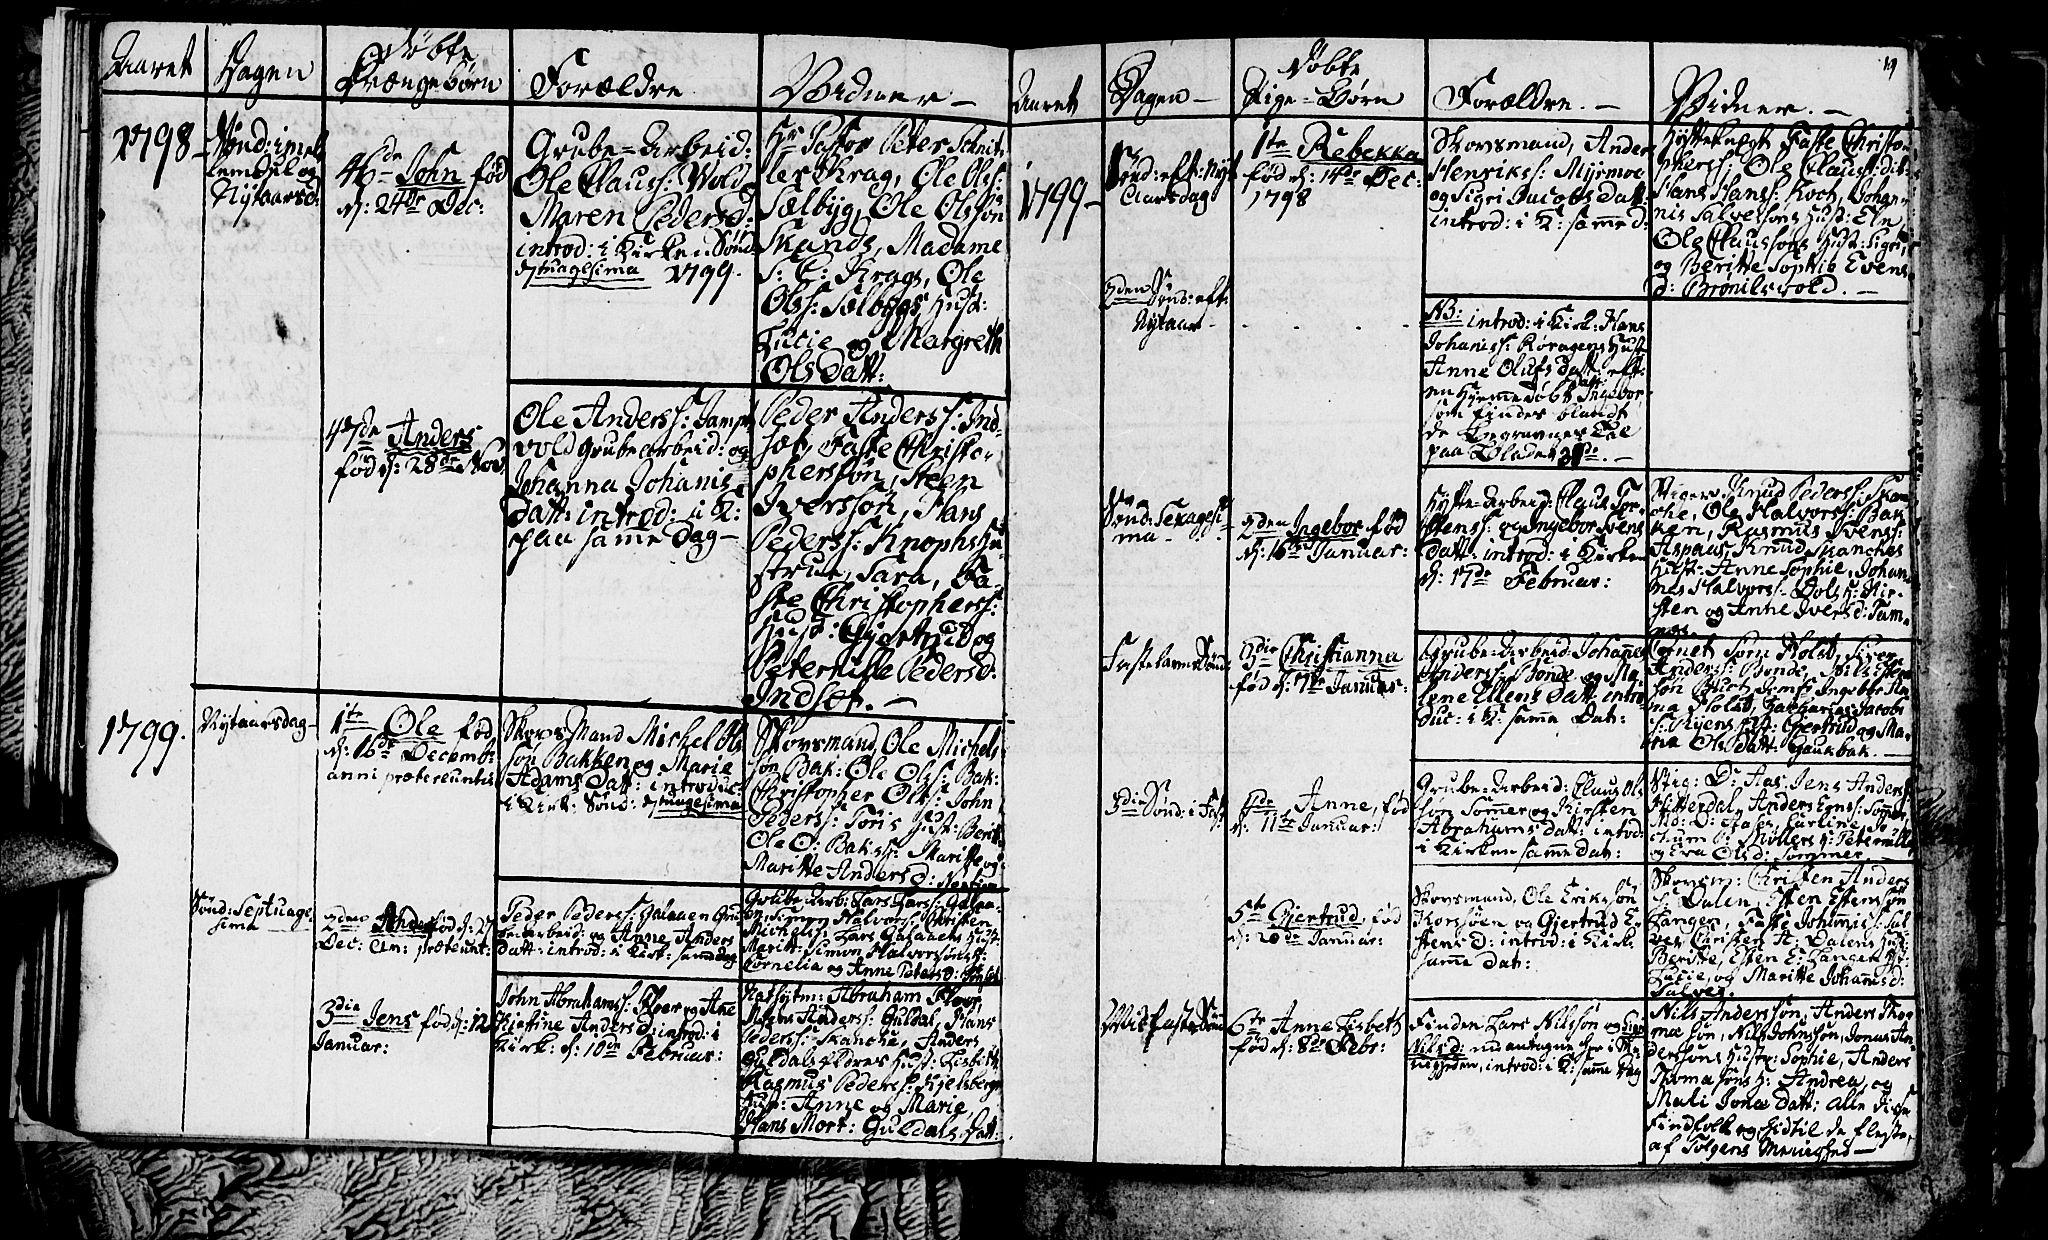 SAT, Ministerialprotokoller, klokkerbøker og fødselsregistre - Sør-Trøndelag, 681/L0937: Klokkerbok nr. 681C01, 1798-1810, s. 19